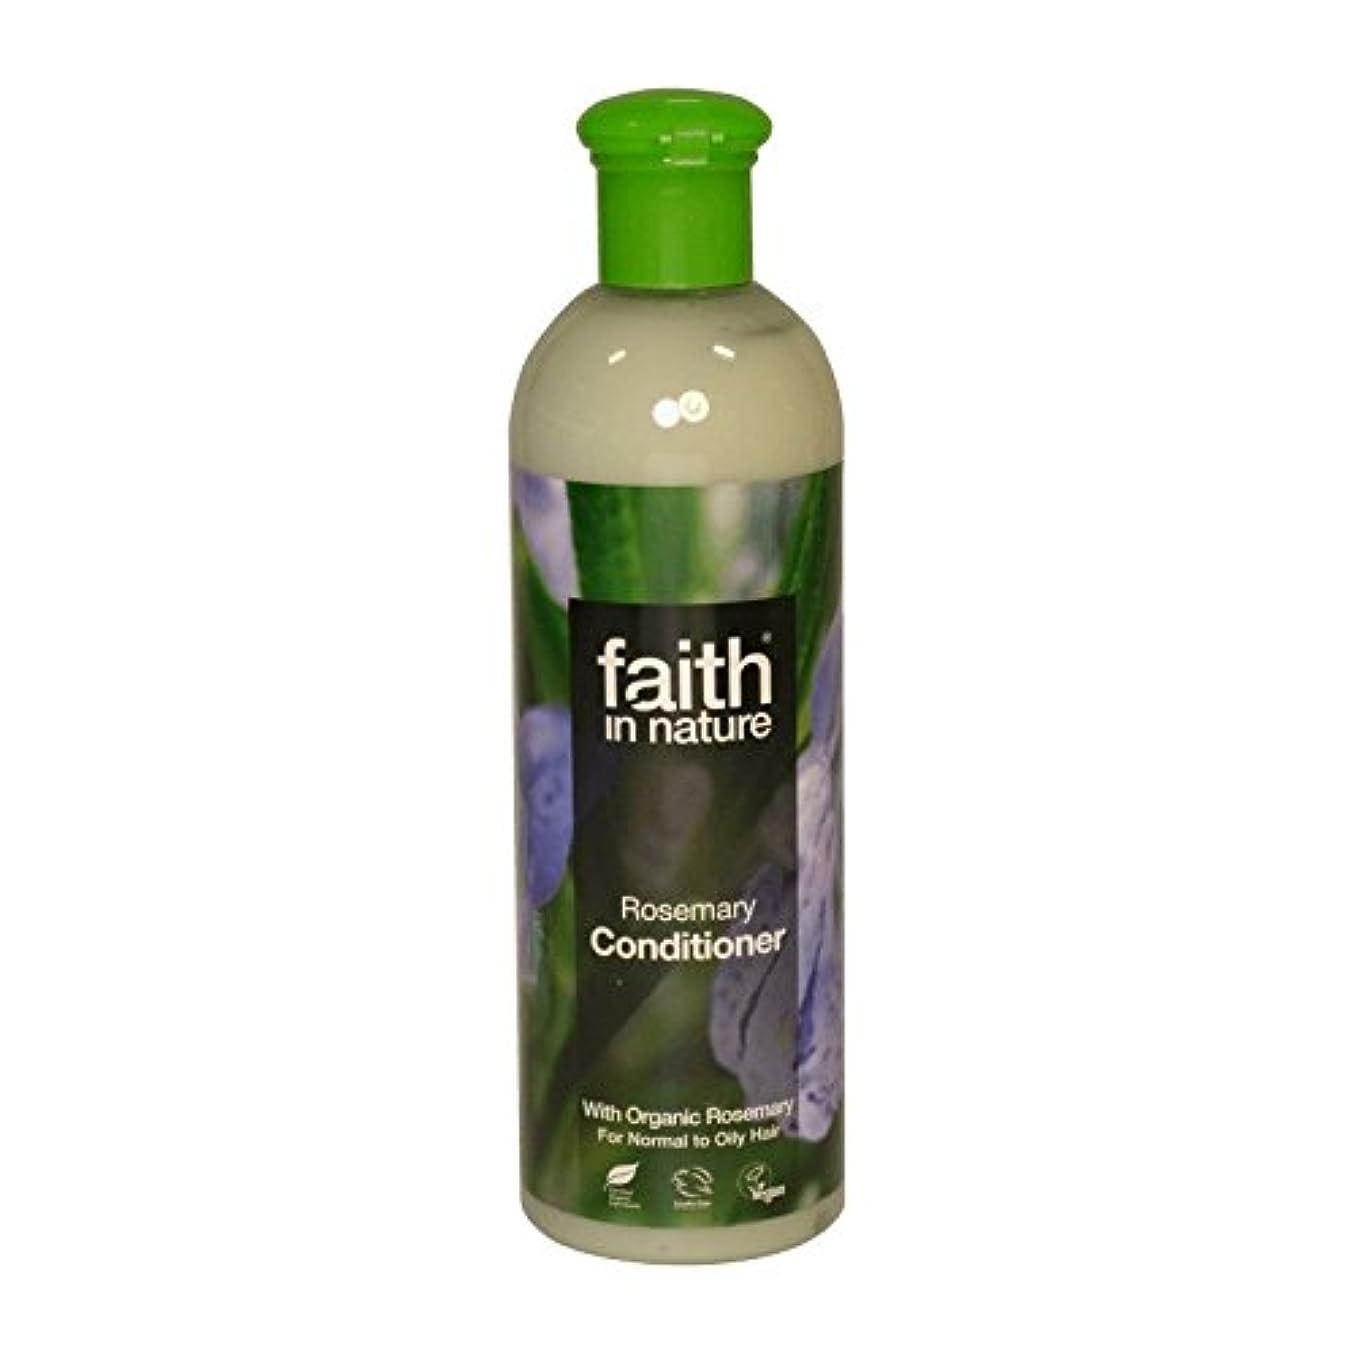 でも最後の潜水艦自然ローズマリーコンディショナー400ミリリットルの信仰 - Faith in Nature Rosemary Conditioner 400ml (Faith in Nature) [並行輸入品]